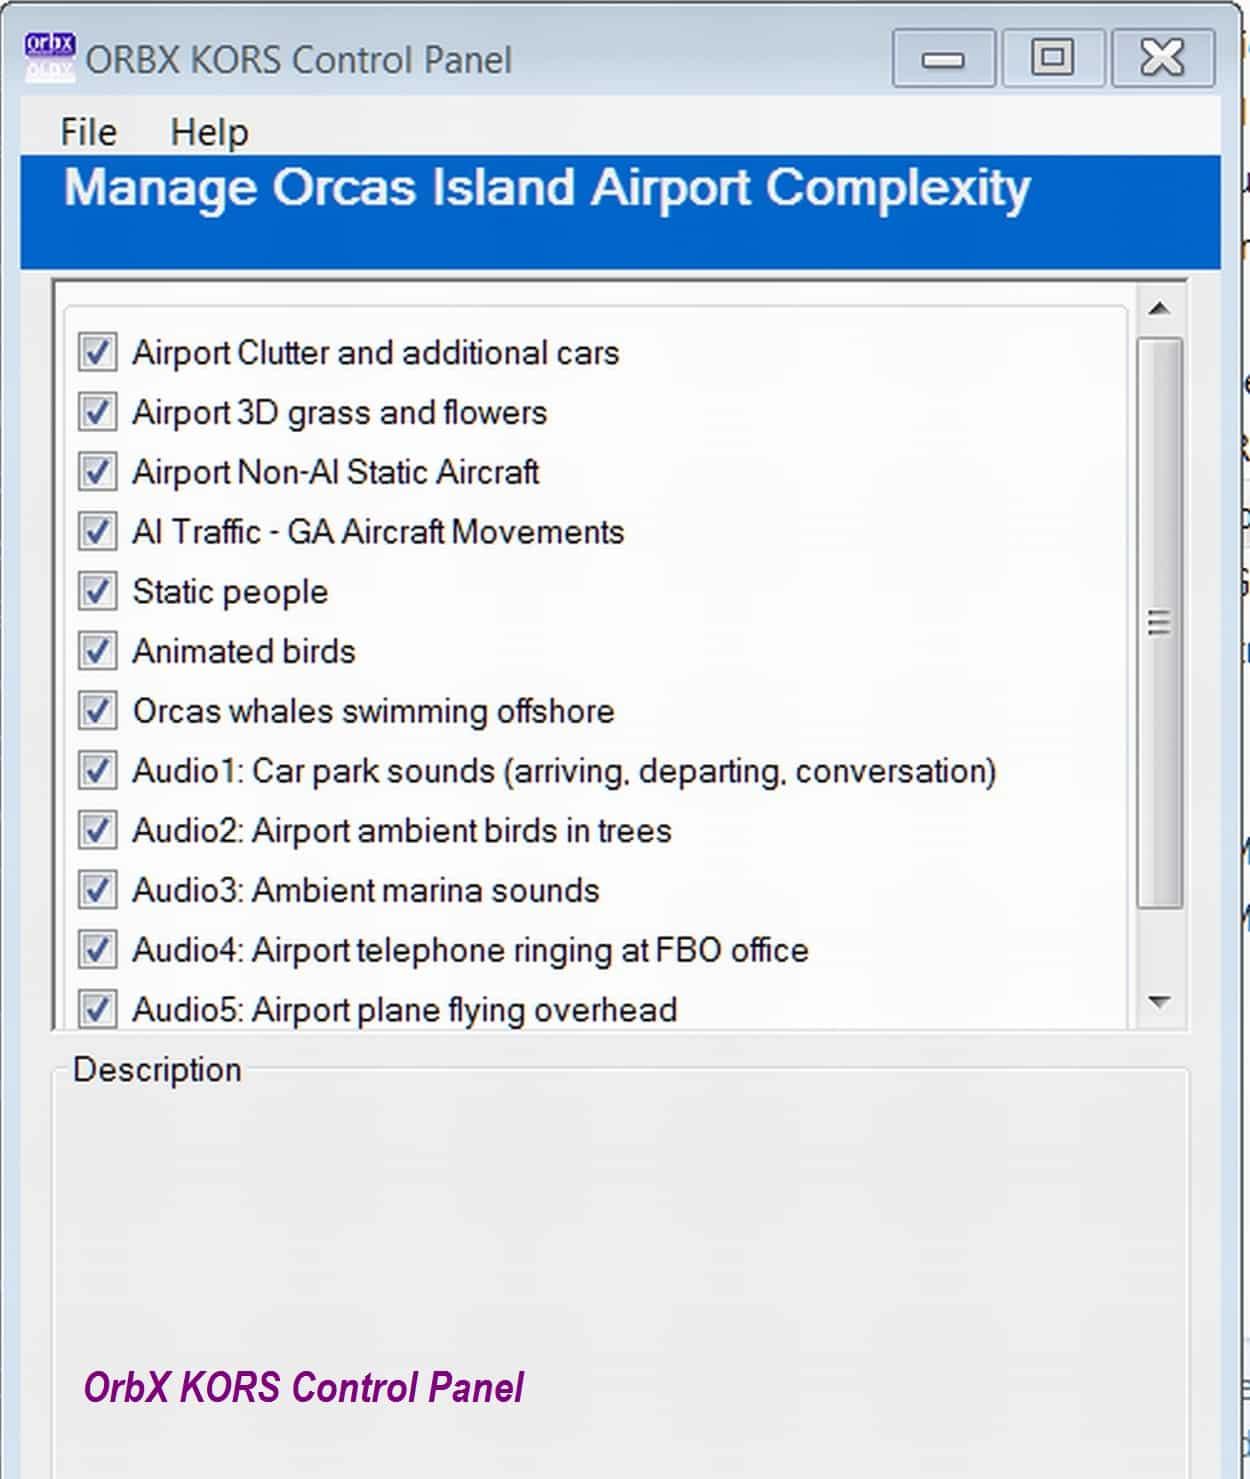 NEW! Hasp Plug Failure Optitex 10 Crack Figure-8-OrbX-KORS-Control-Panel